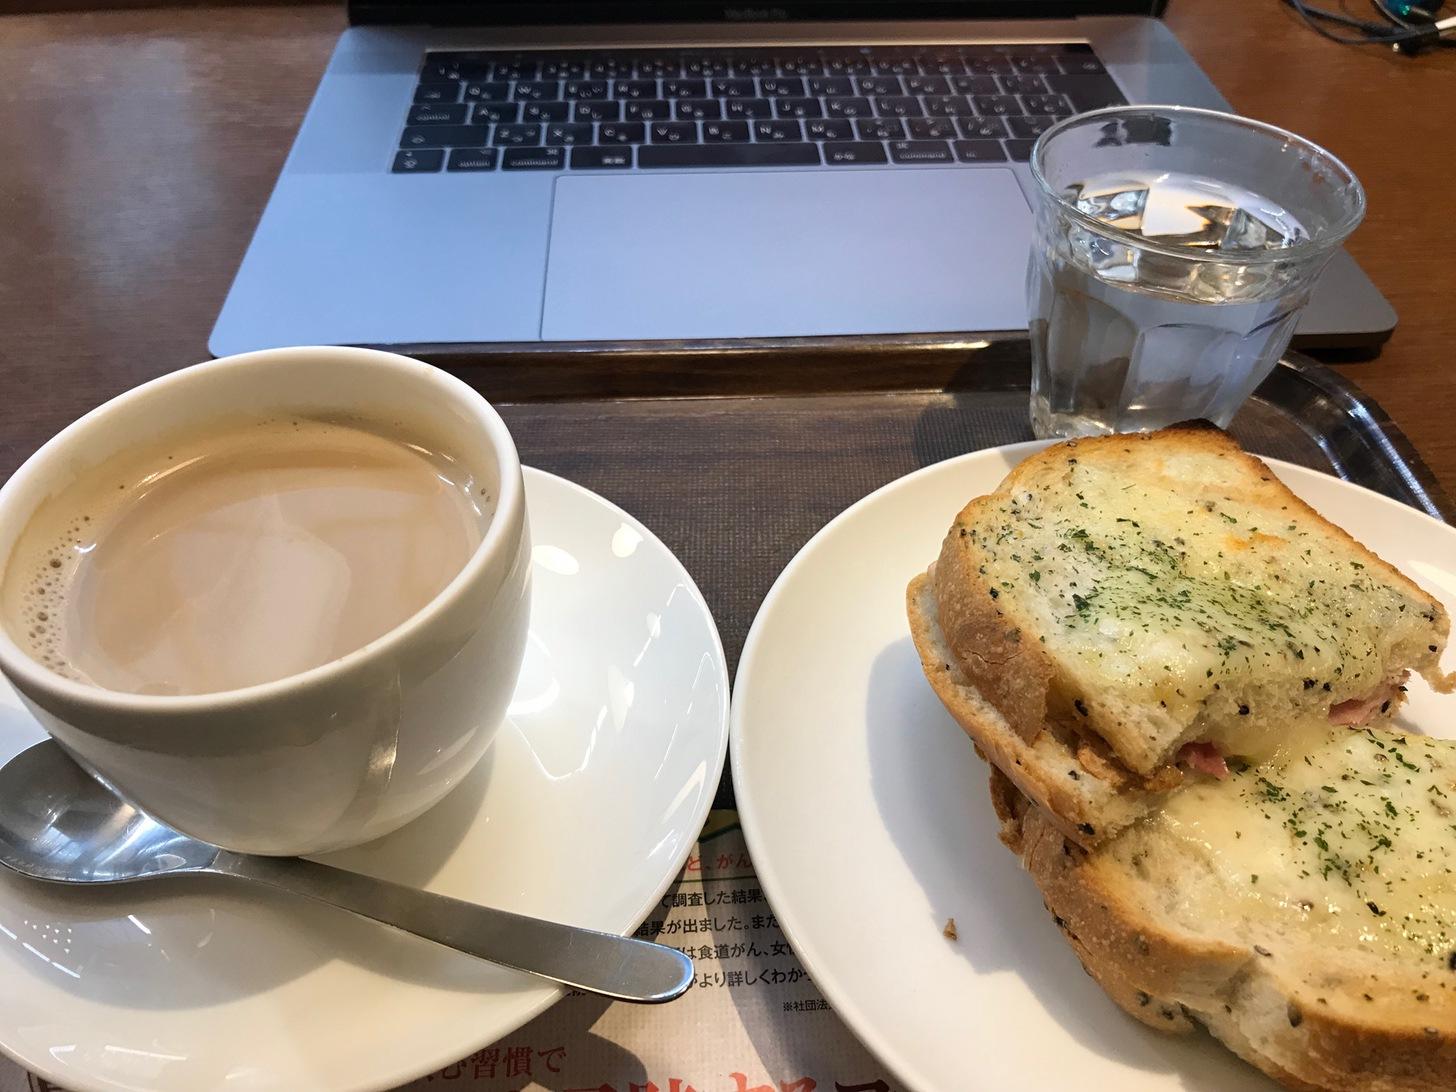 朝出勤前のブログ執筆時間の確保が課題【ぶっちーの日常】